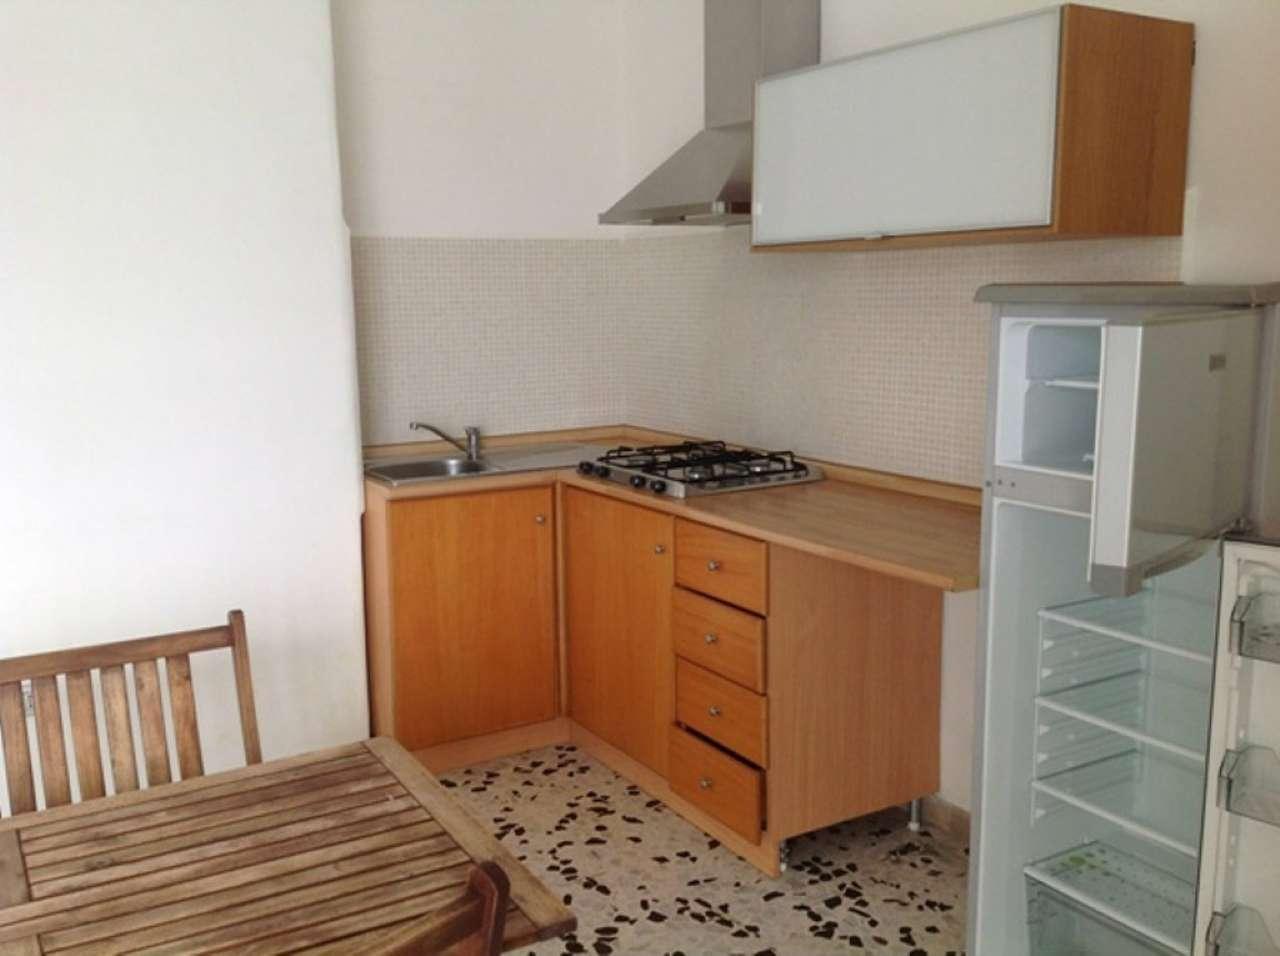 Appartamento in affitto a Napoli, 2 locali, zona Zona: 10 . Bagnoli, Fuorigrotta, Agnano, prezzo € 650 | CambioCasa.it